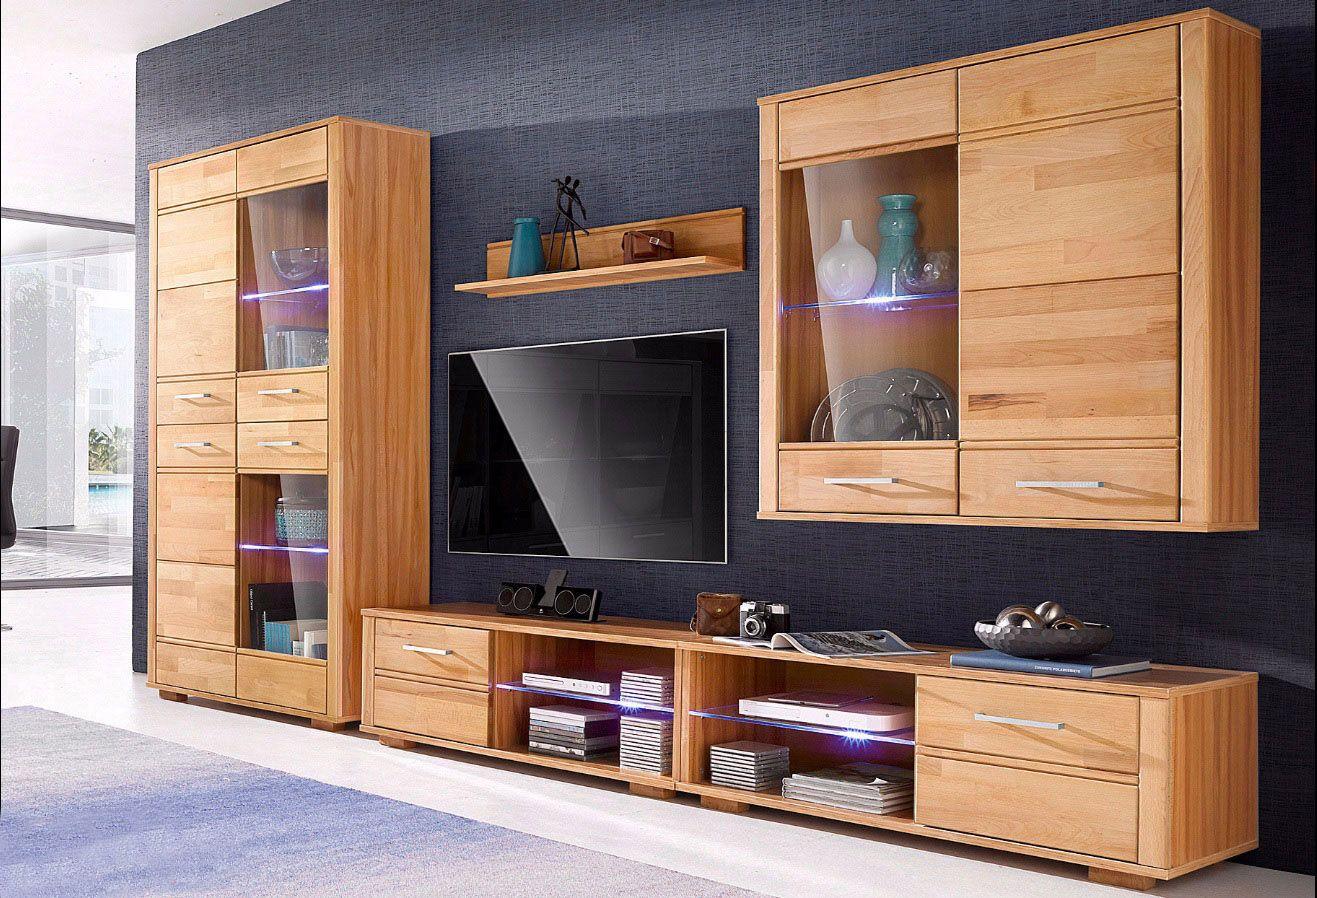 12 Erstaunlich Wohnwand Wohnzimmer Zu Haben In 2020 Wohnwand Wohnen Einrichtungsideen Fur Kleine Raume